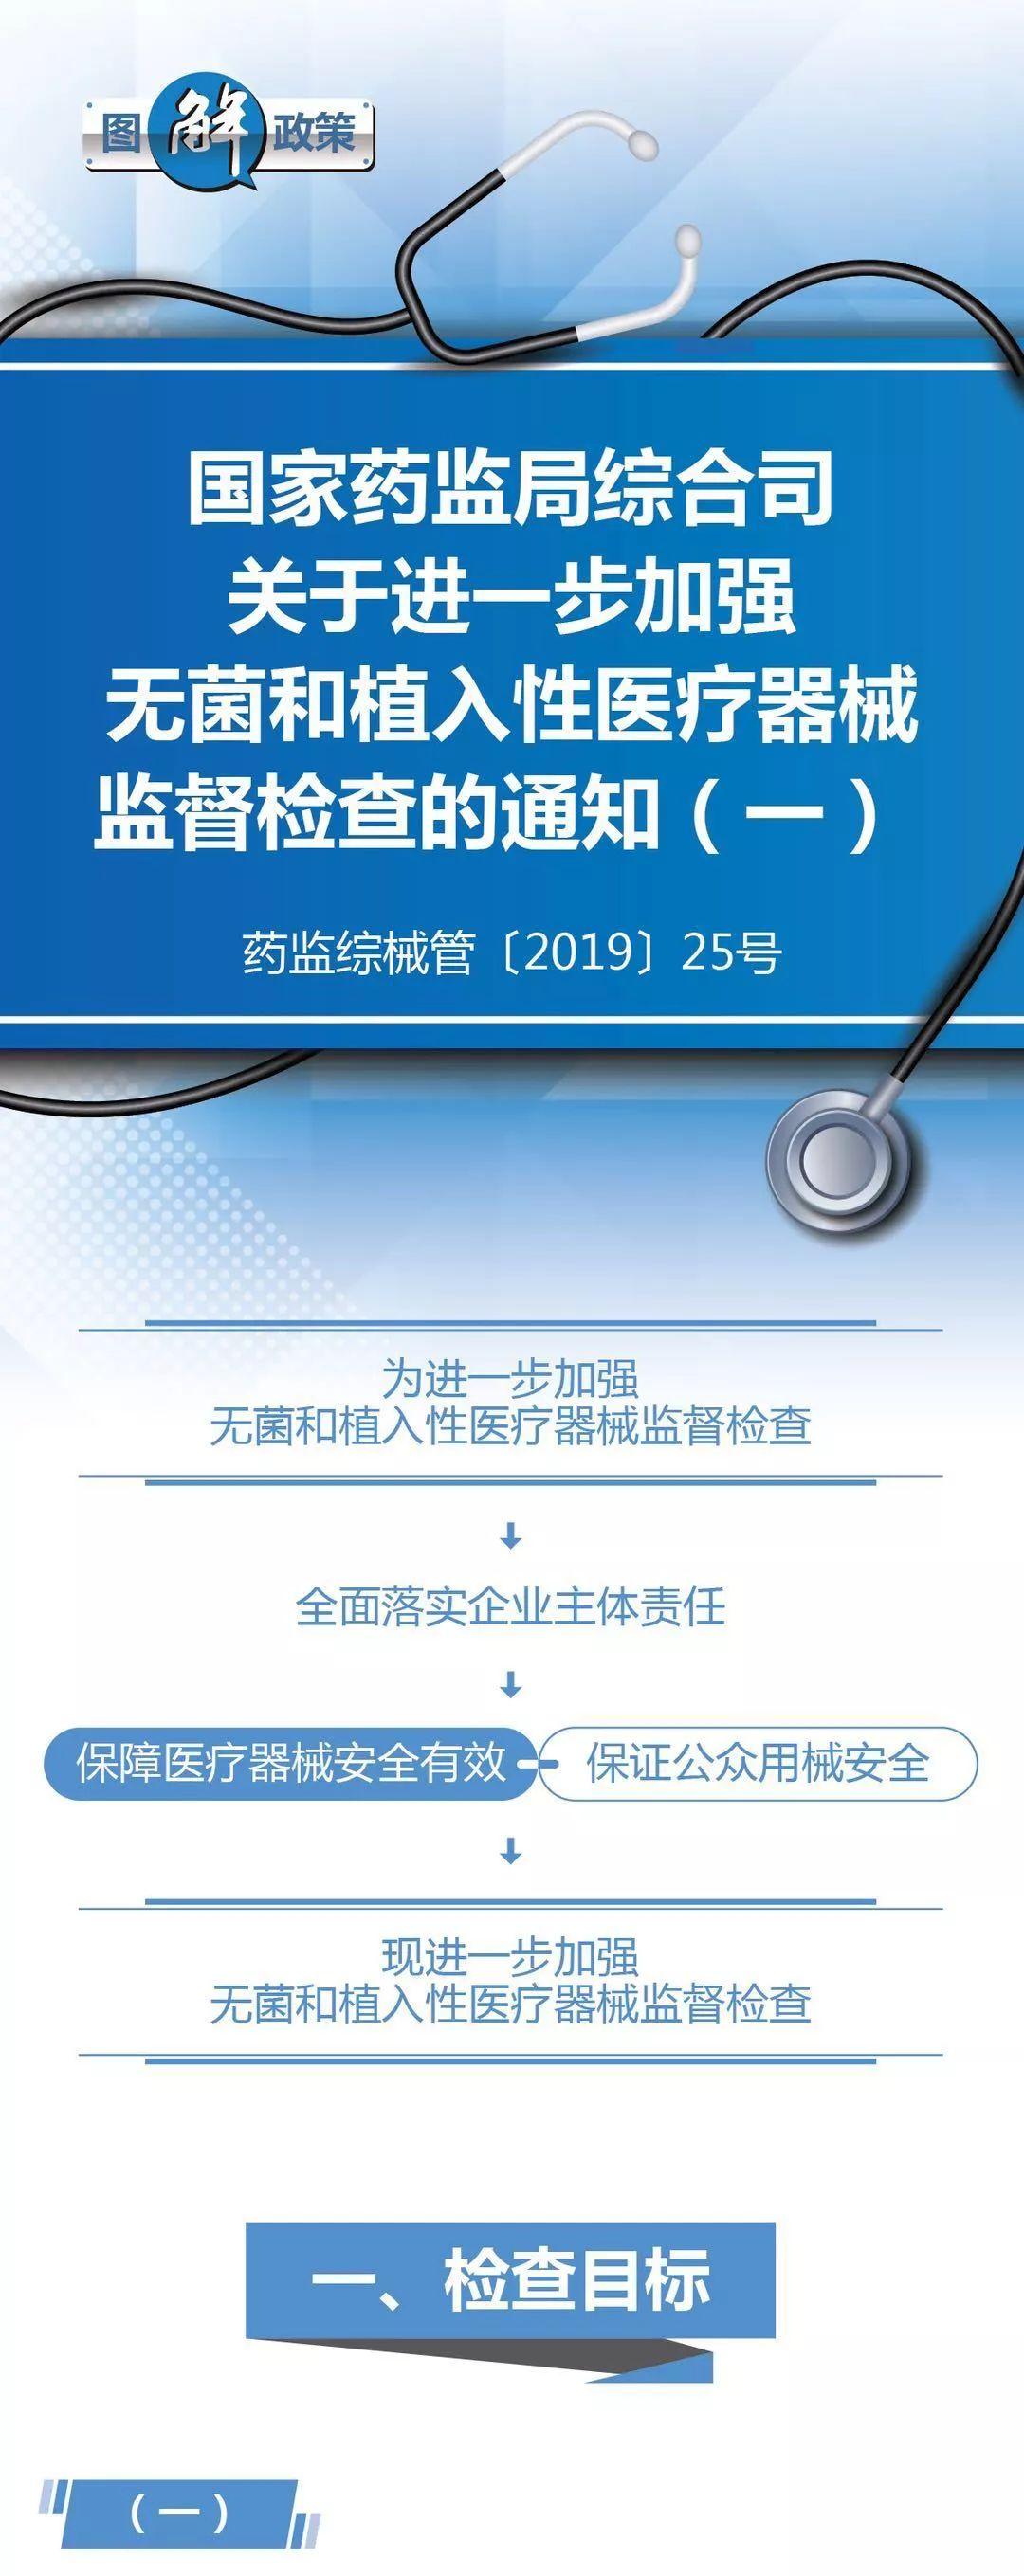 图解政策丨国家药监局综合司关于进一步加强无菌和植入性医疗器械监督检查的通知(一)